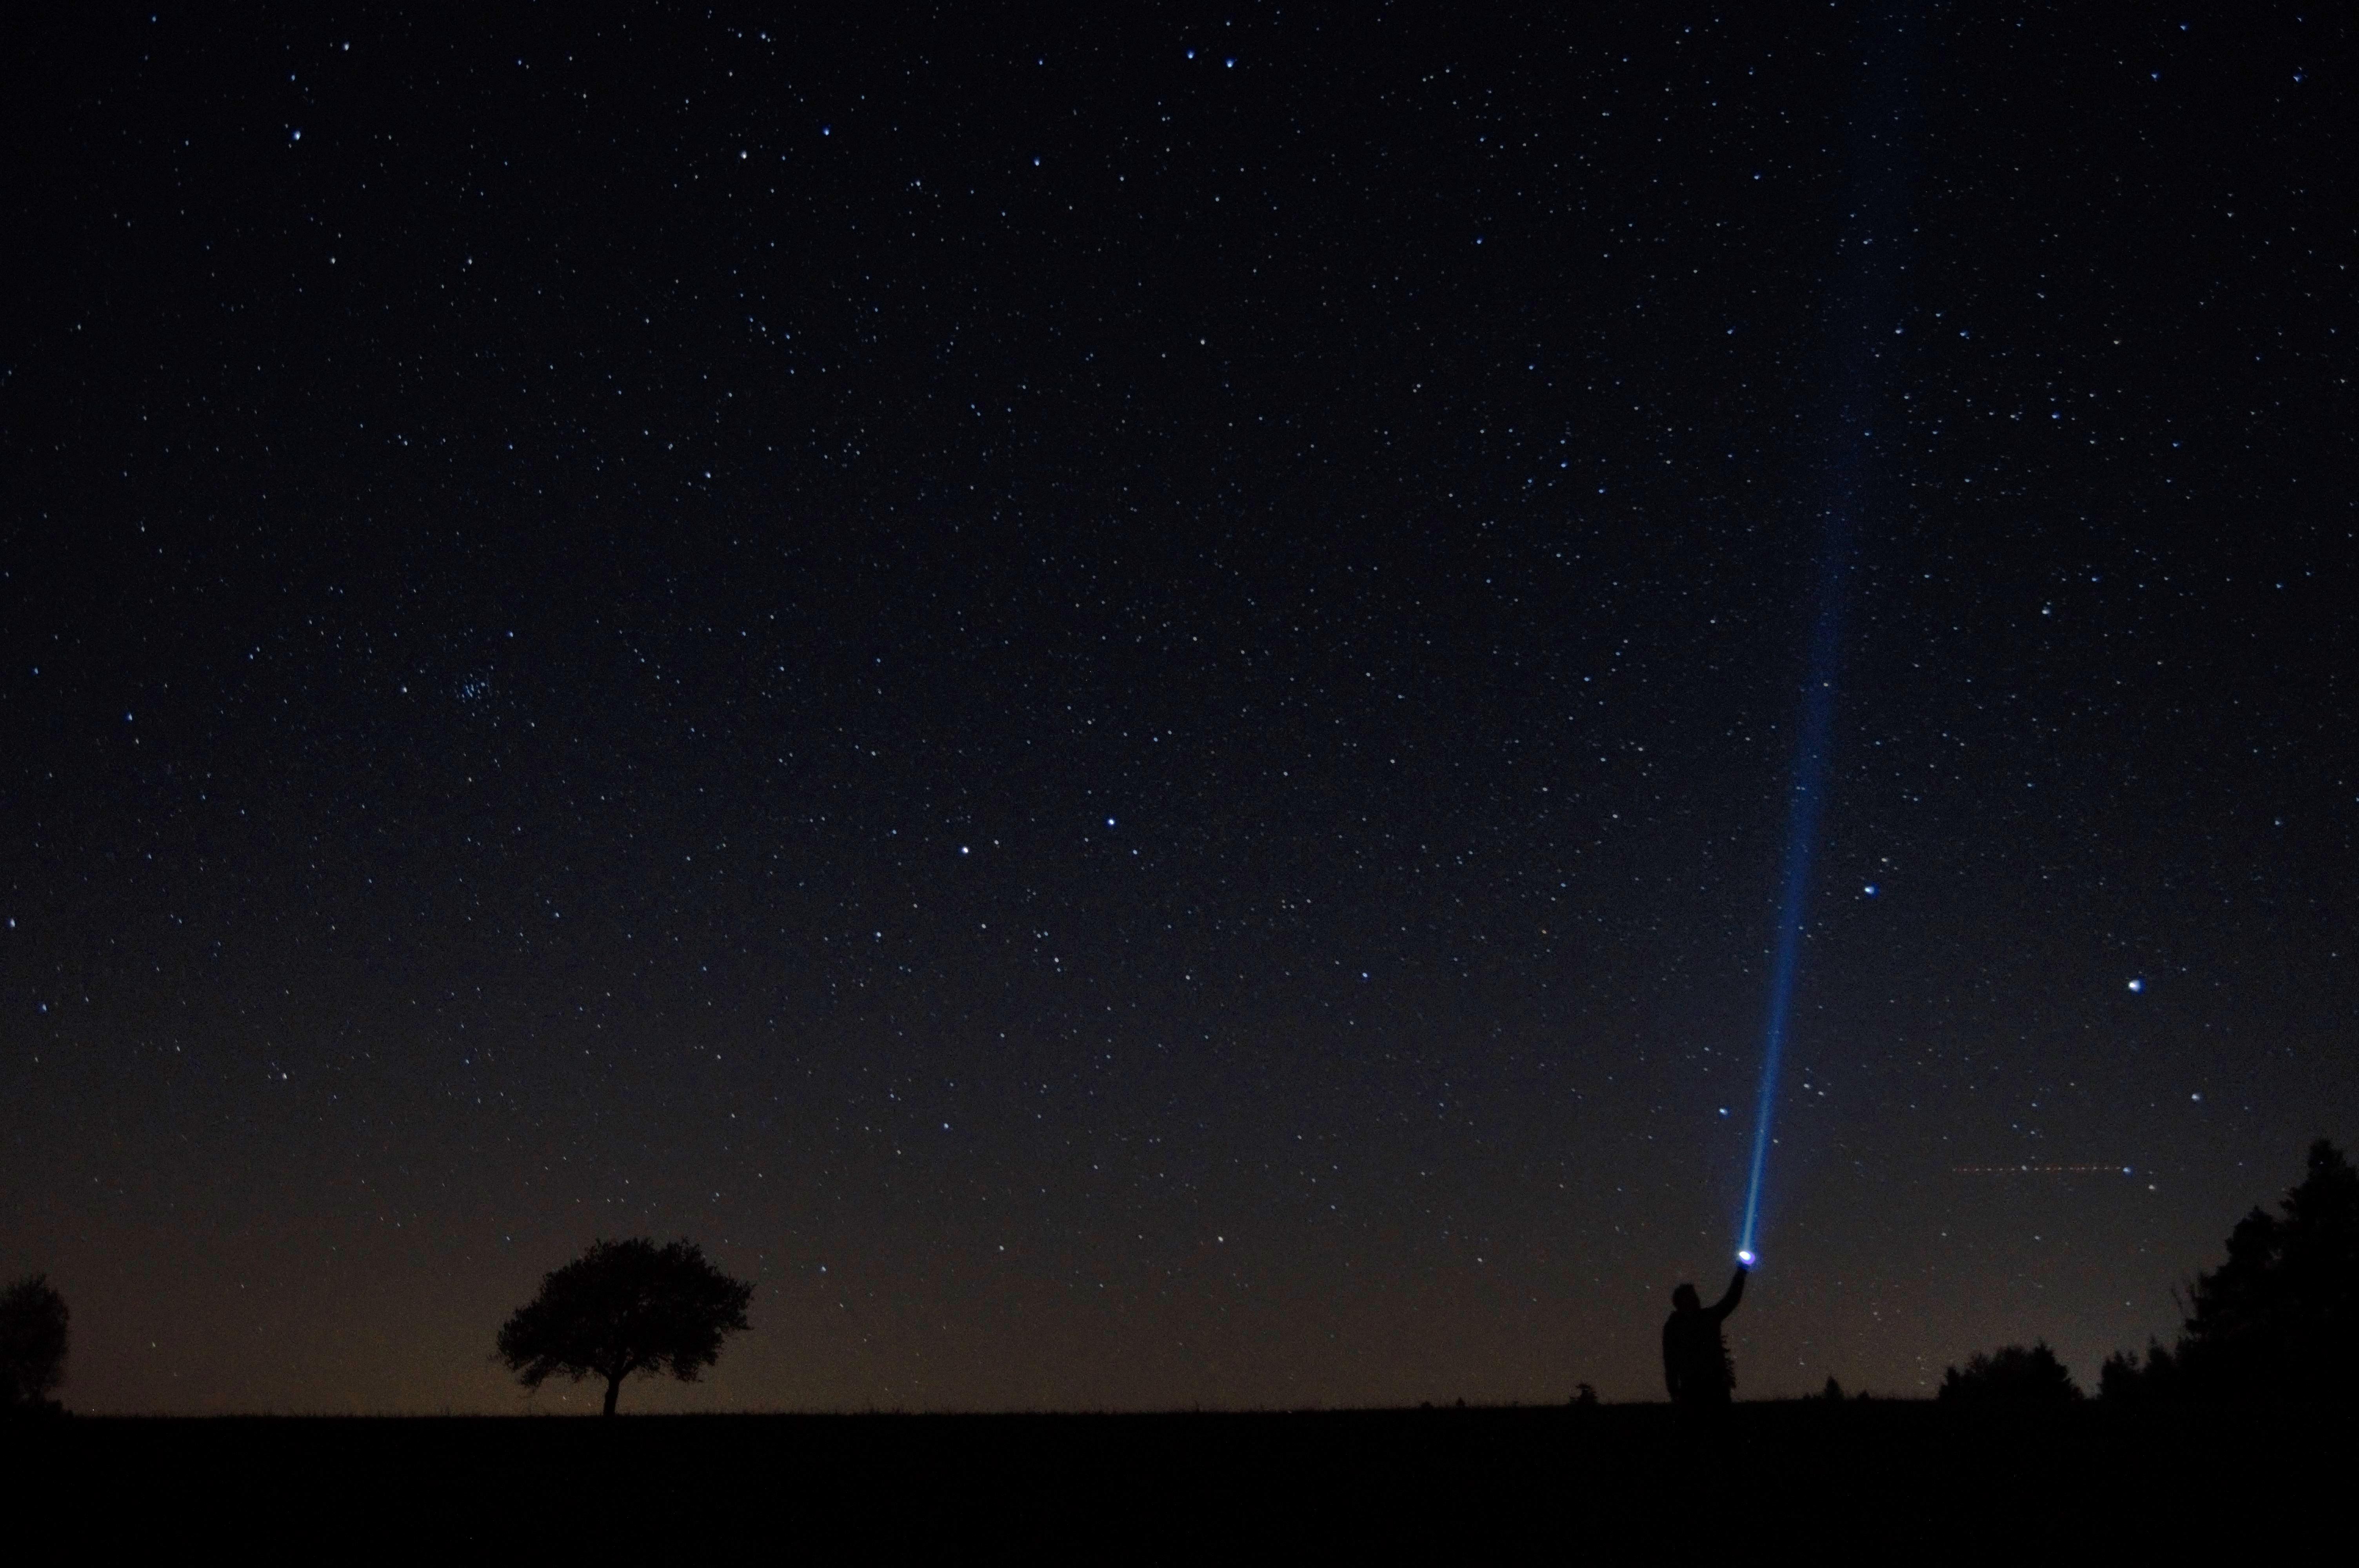 157013 fond d'écran 720x1280 sur votre téléphone gratuitement, téléchargez des images Nuit, Sombre, Ciel Étoilé, Lampe, Lanterne, Humain, Personne 720x1280 sur votre mobile